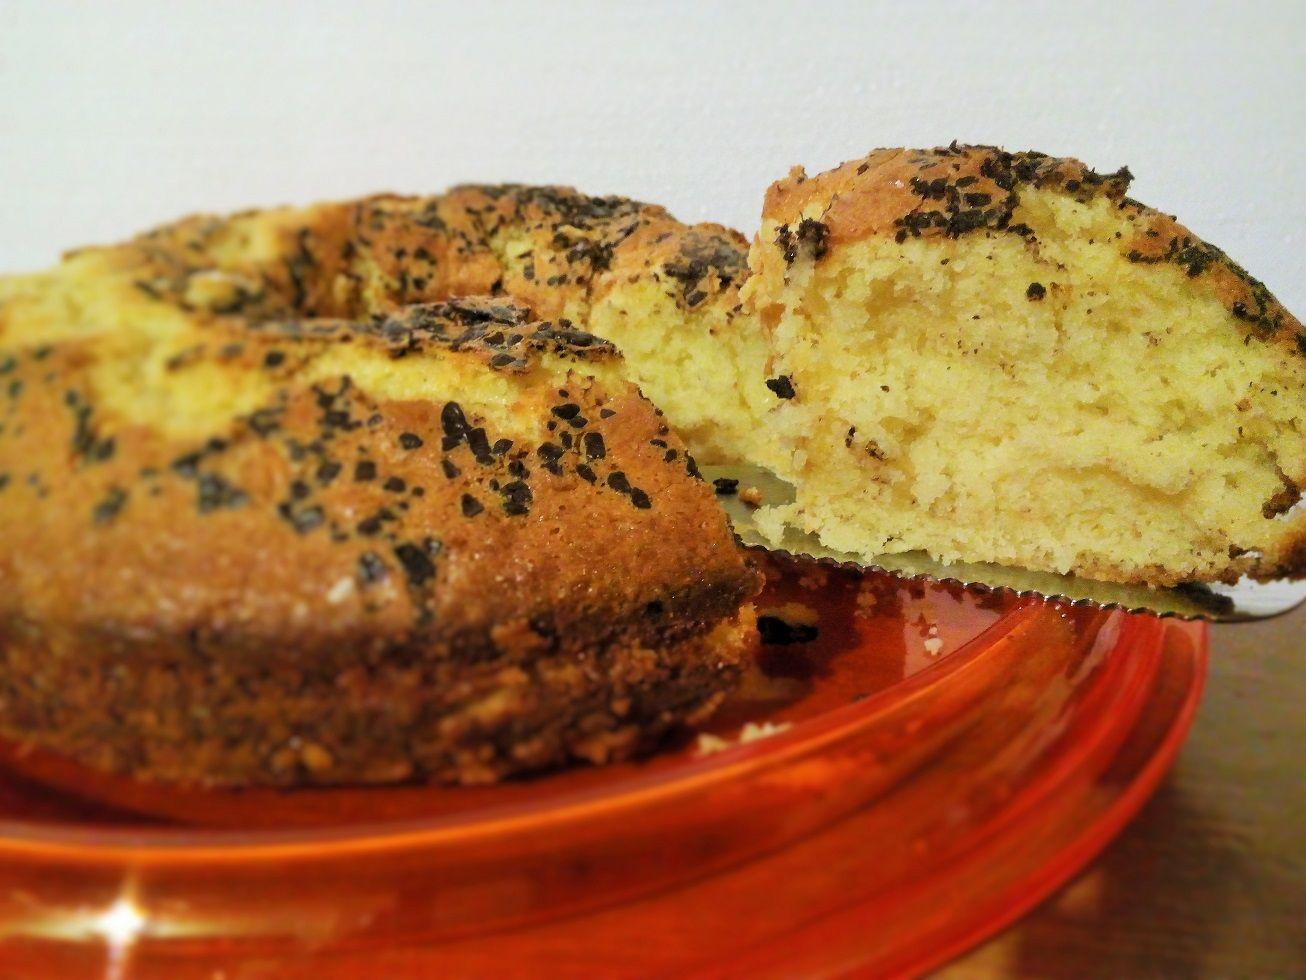 Questa ciambella al mascarpone vi conquisterà - This mascarpone cheese ring-shaped cake will win over you